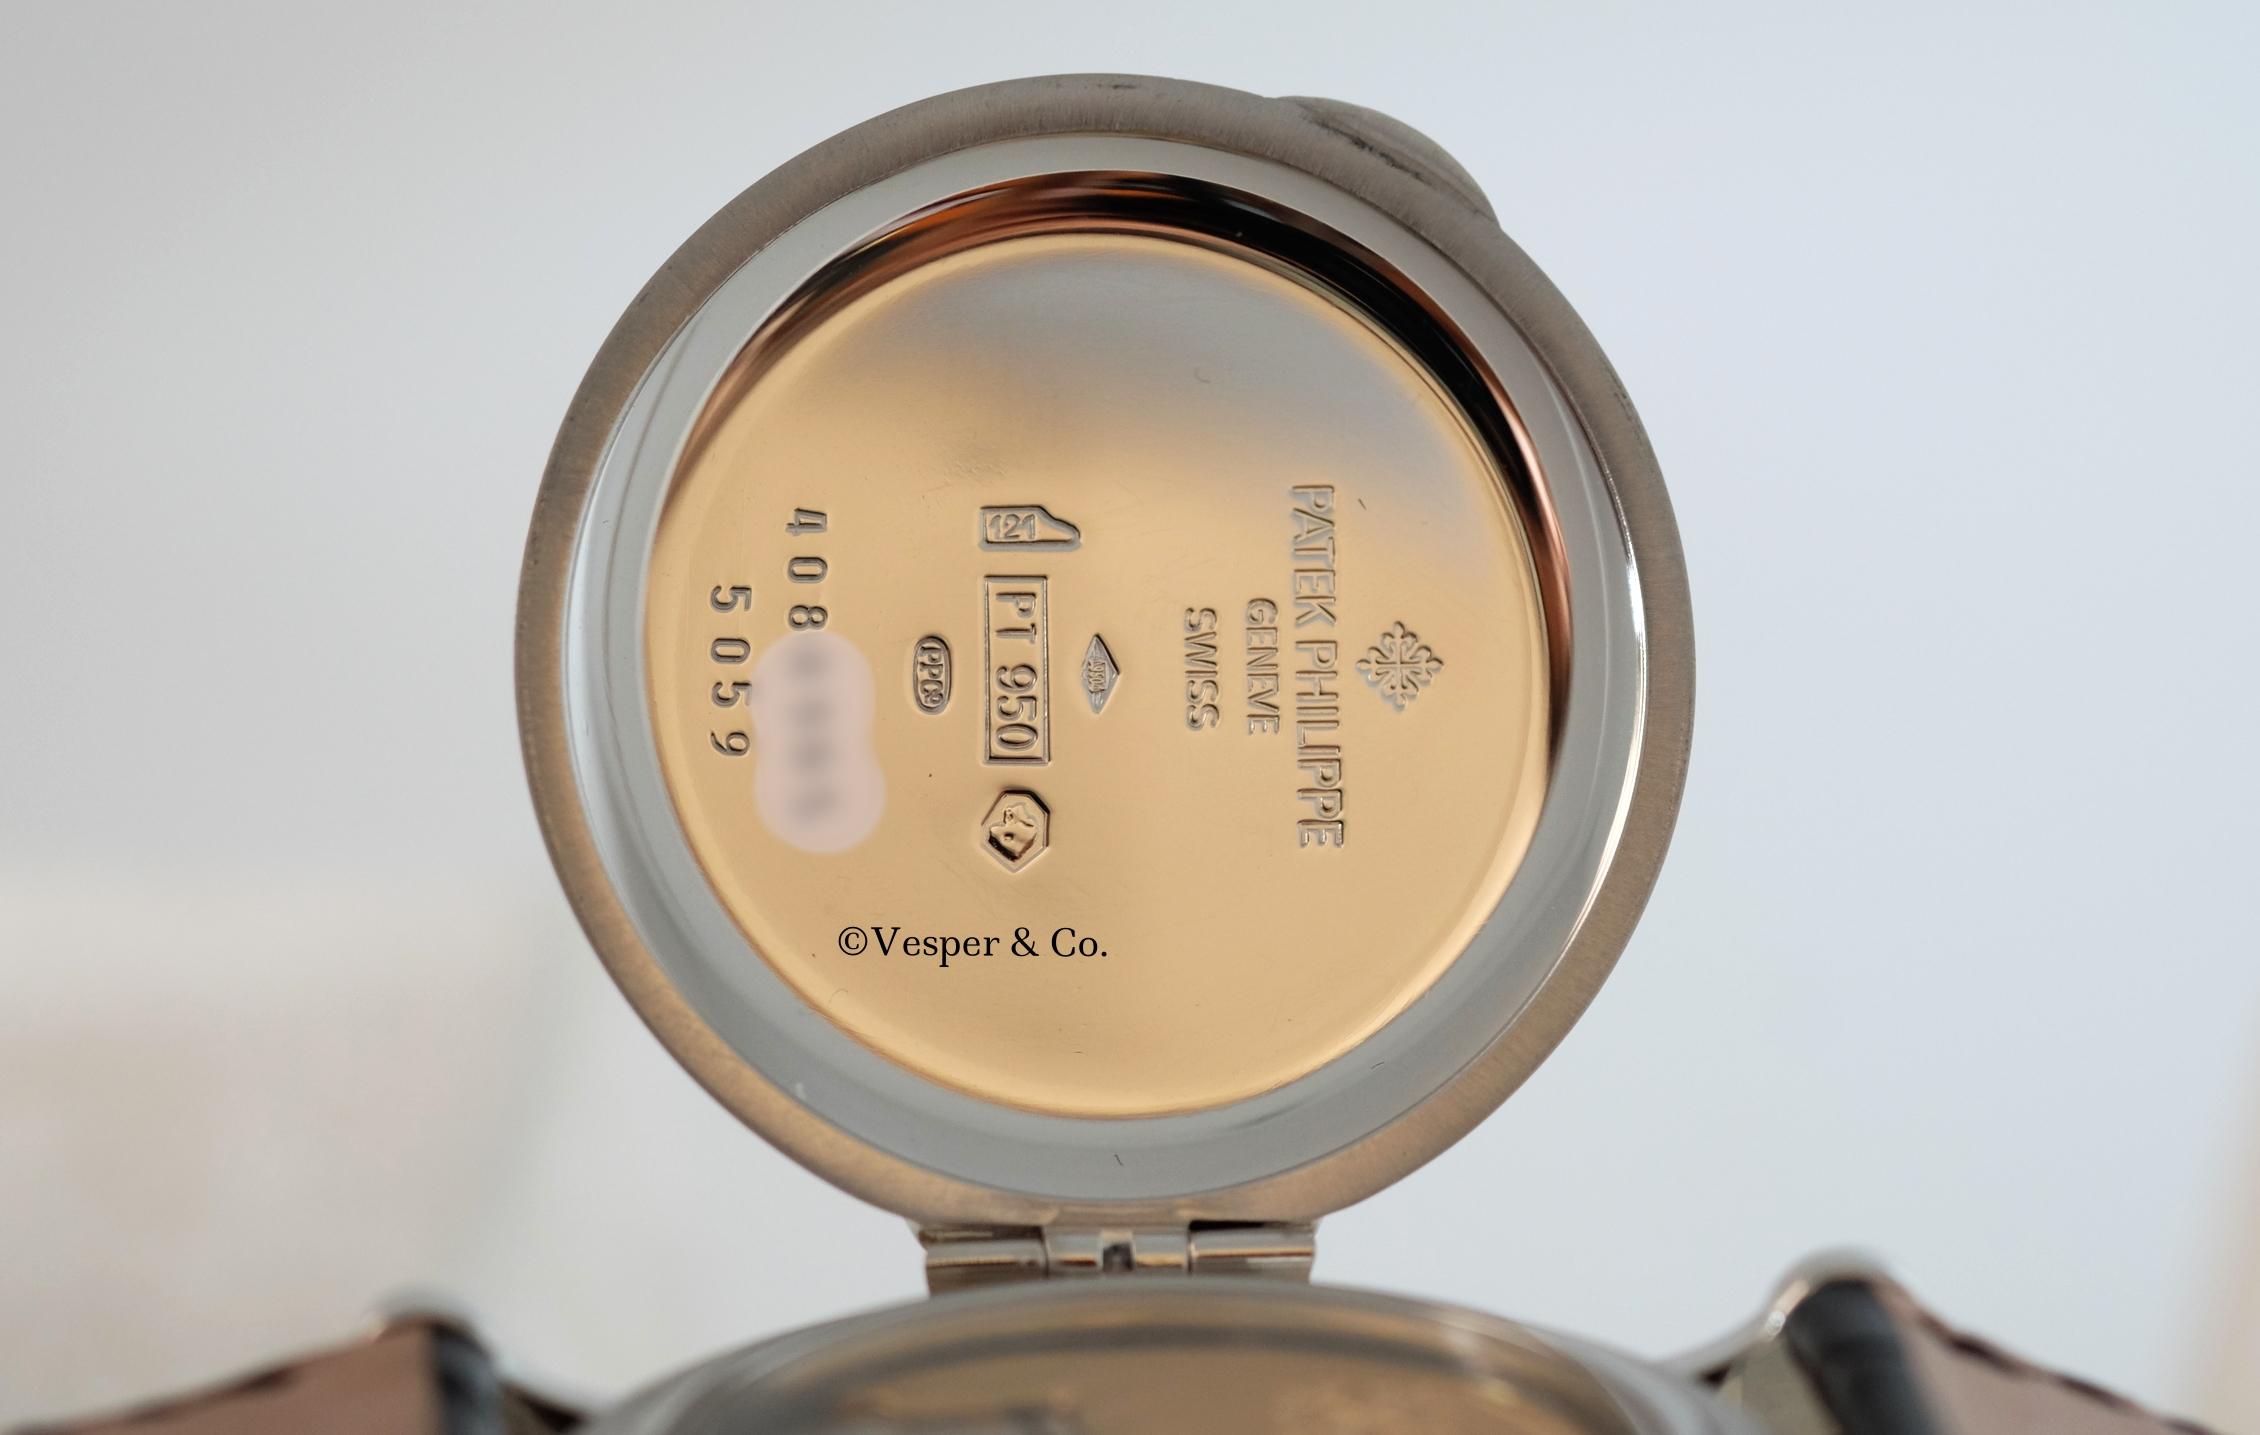 DSCF4528.JPG